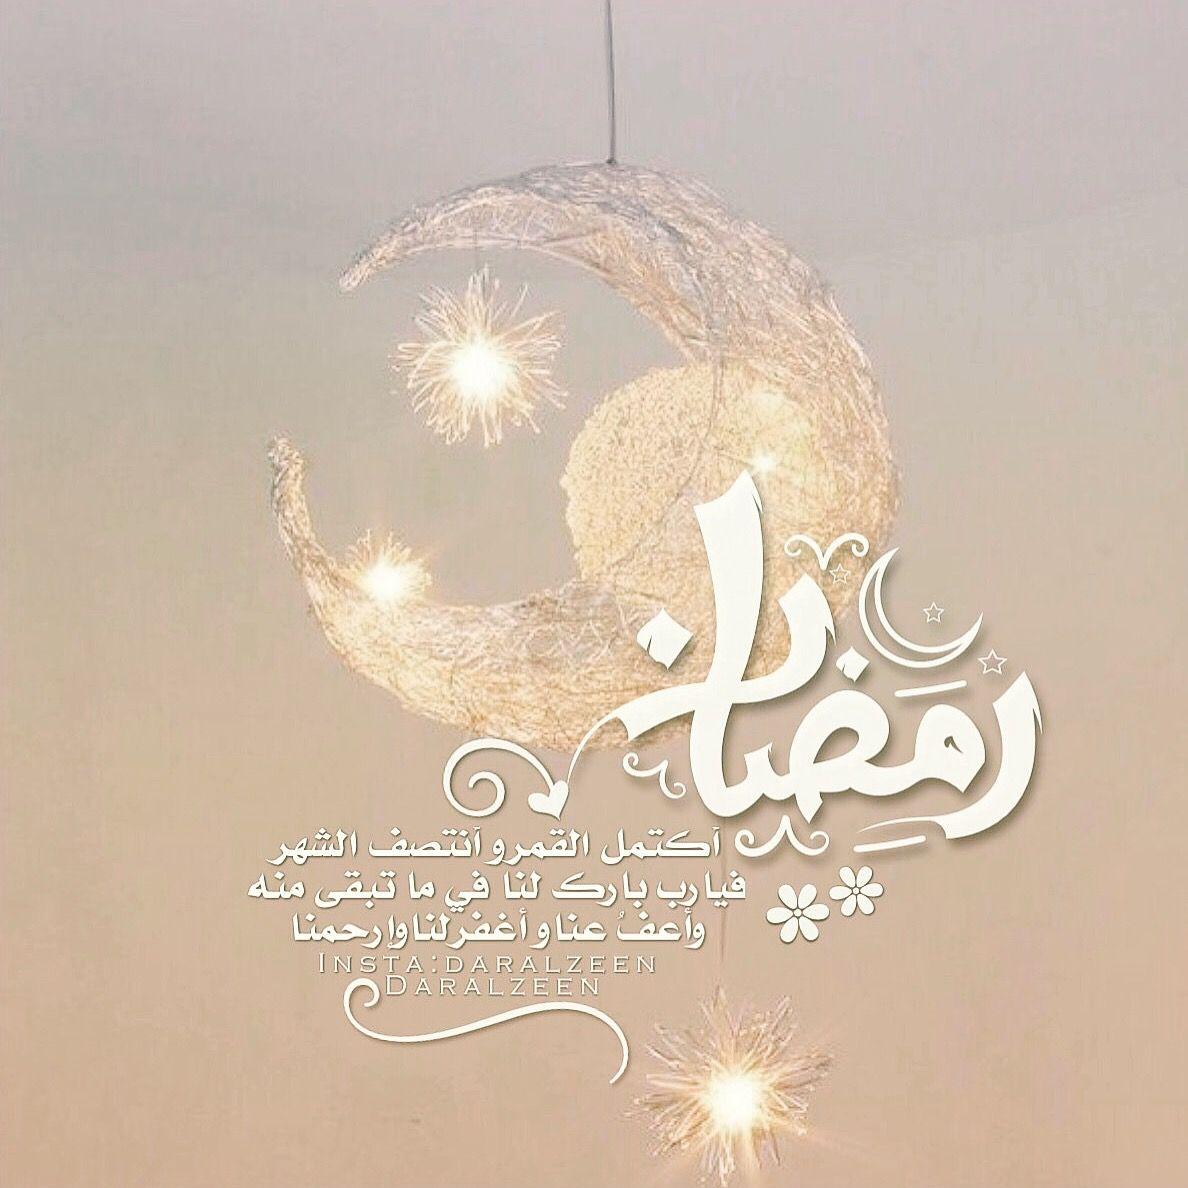 اكتمل القمر وانتصف الشهر ربي كما بلغتنا نصف شهرك الفضيل بلغنا إكمال عدته وإدراك ليلة القدر واكتبنا فيه من عتقائك من النار يارب Ceiling Lights Decor Ramadan